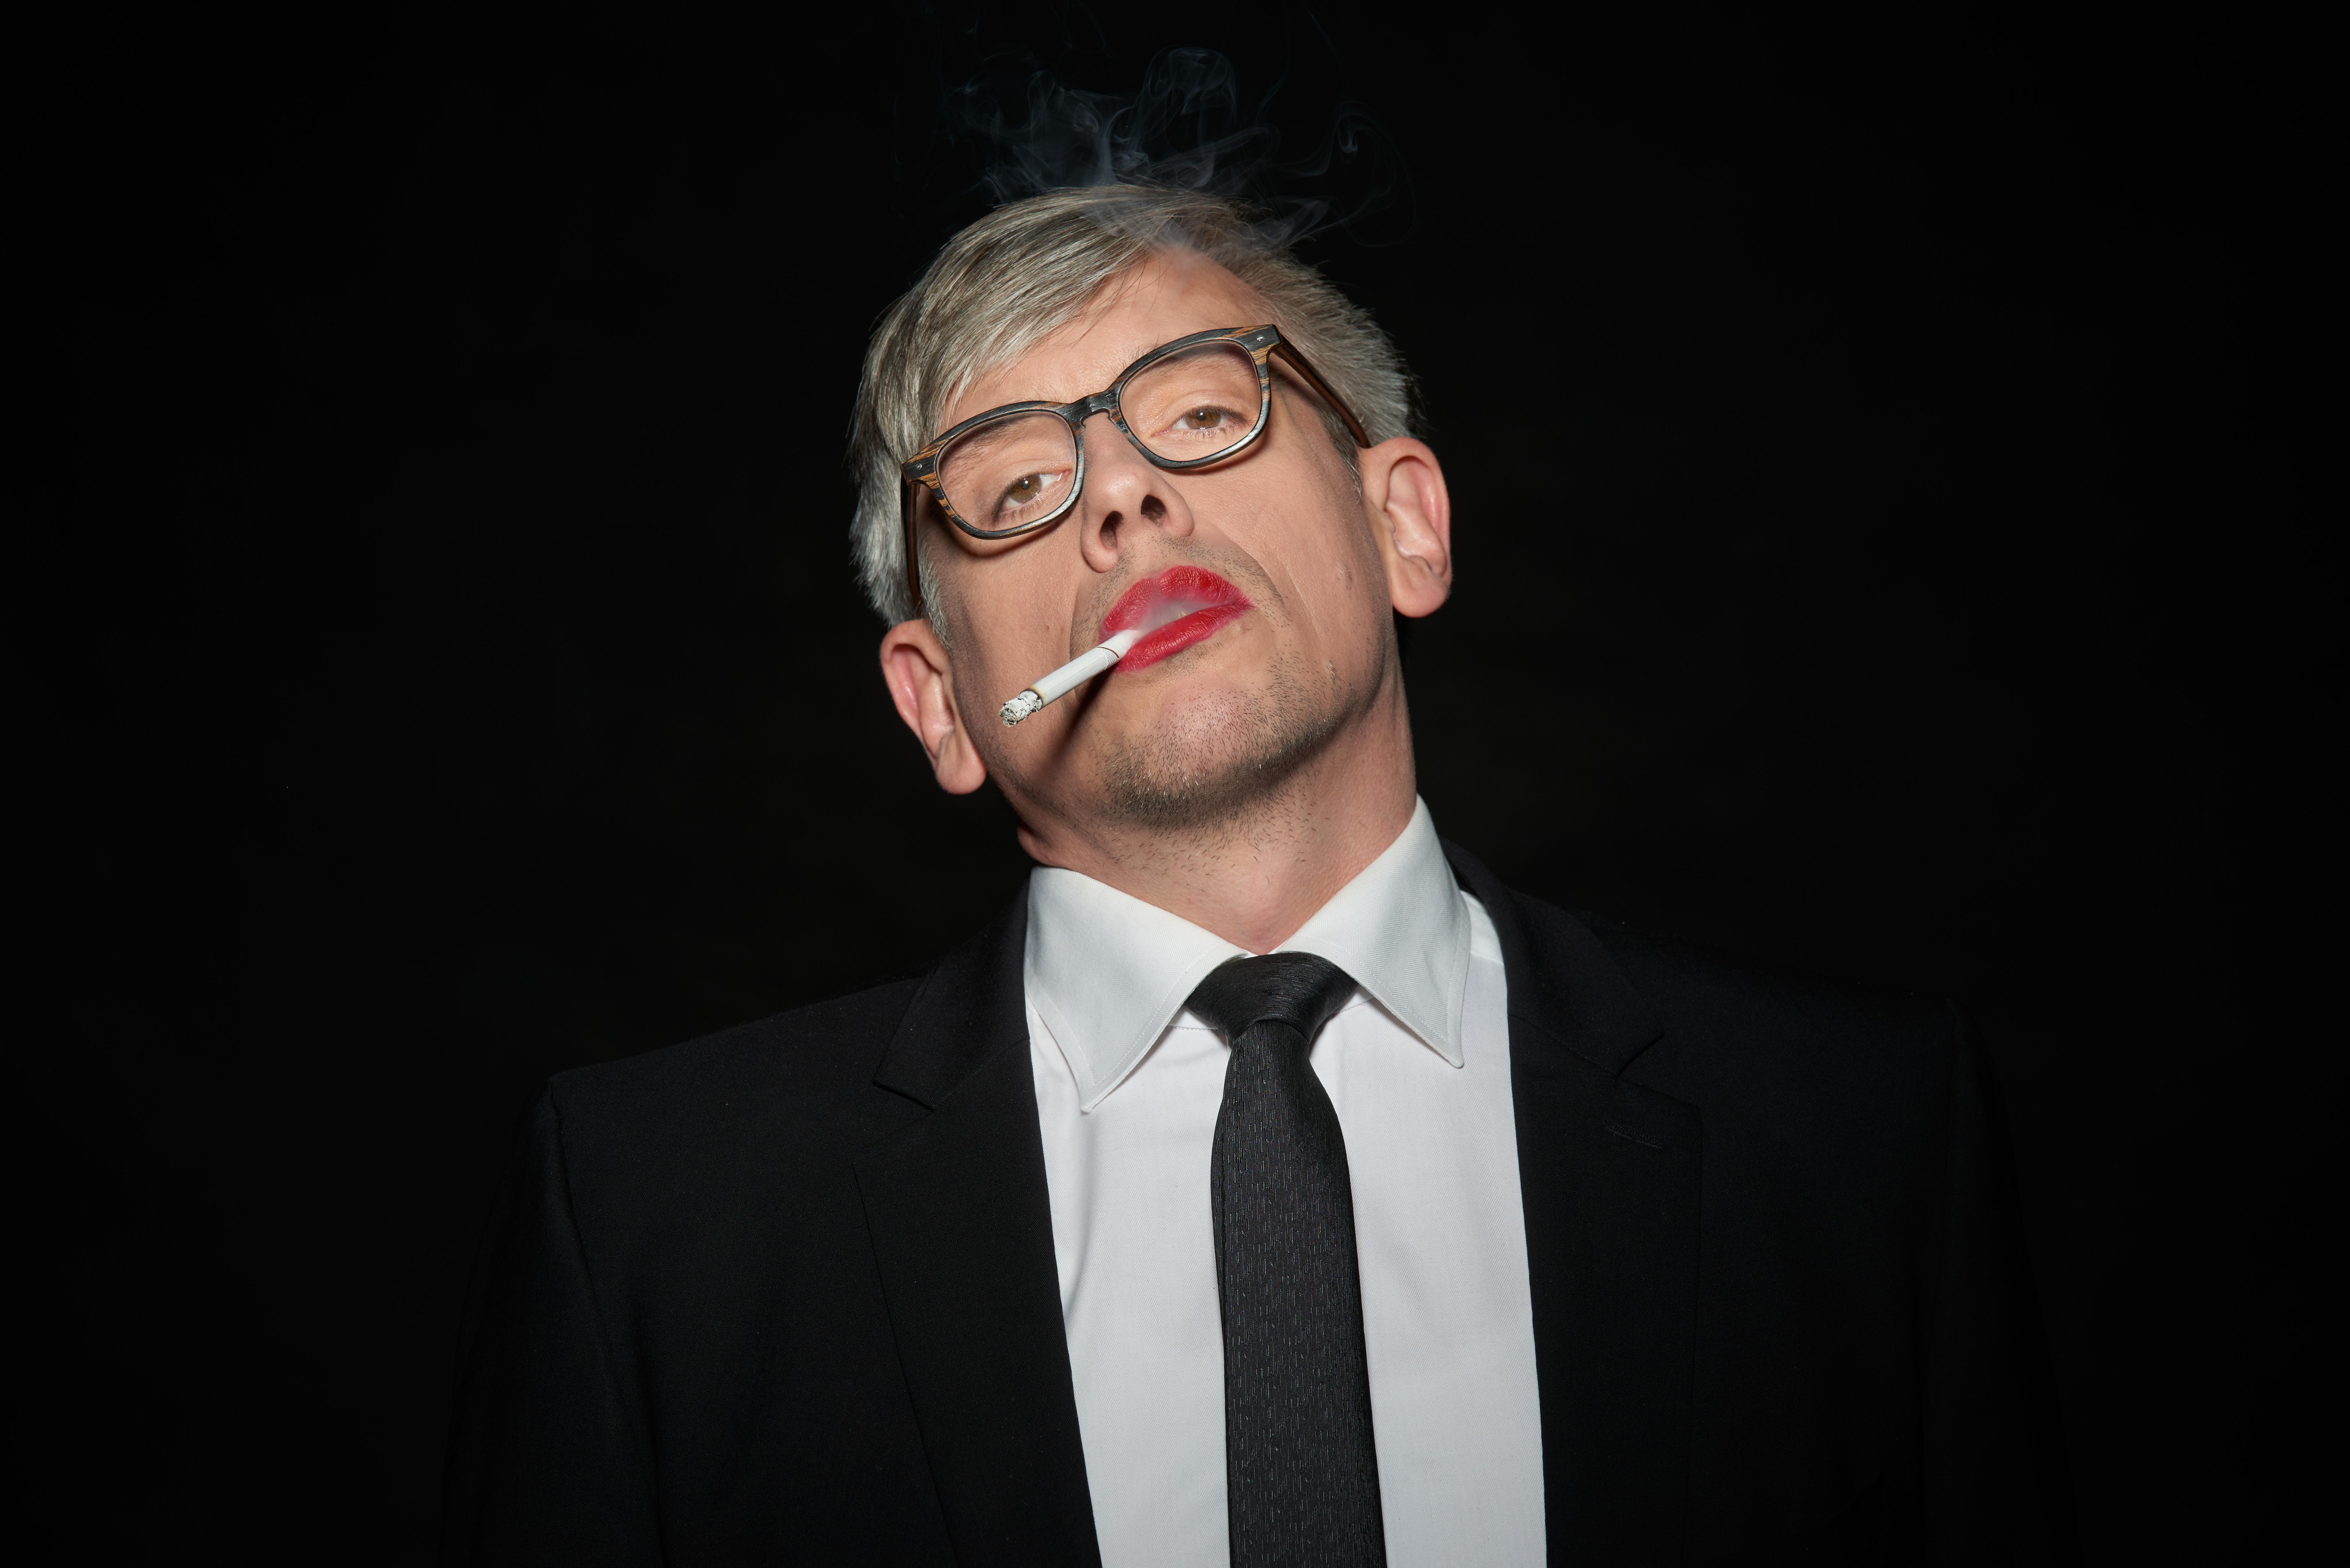 Komiker Mathias Tretter proklamiert die Partei der Atheisten